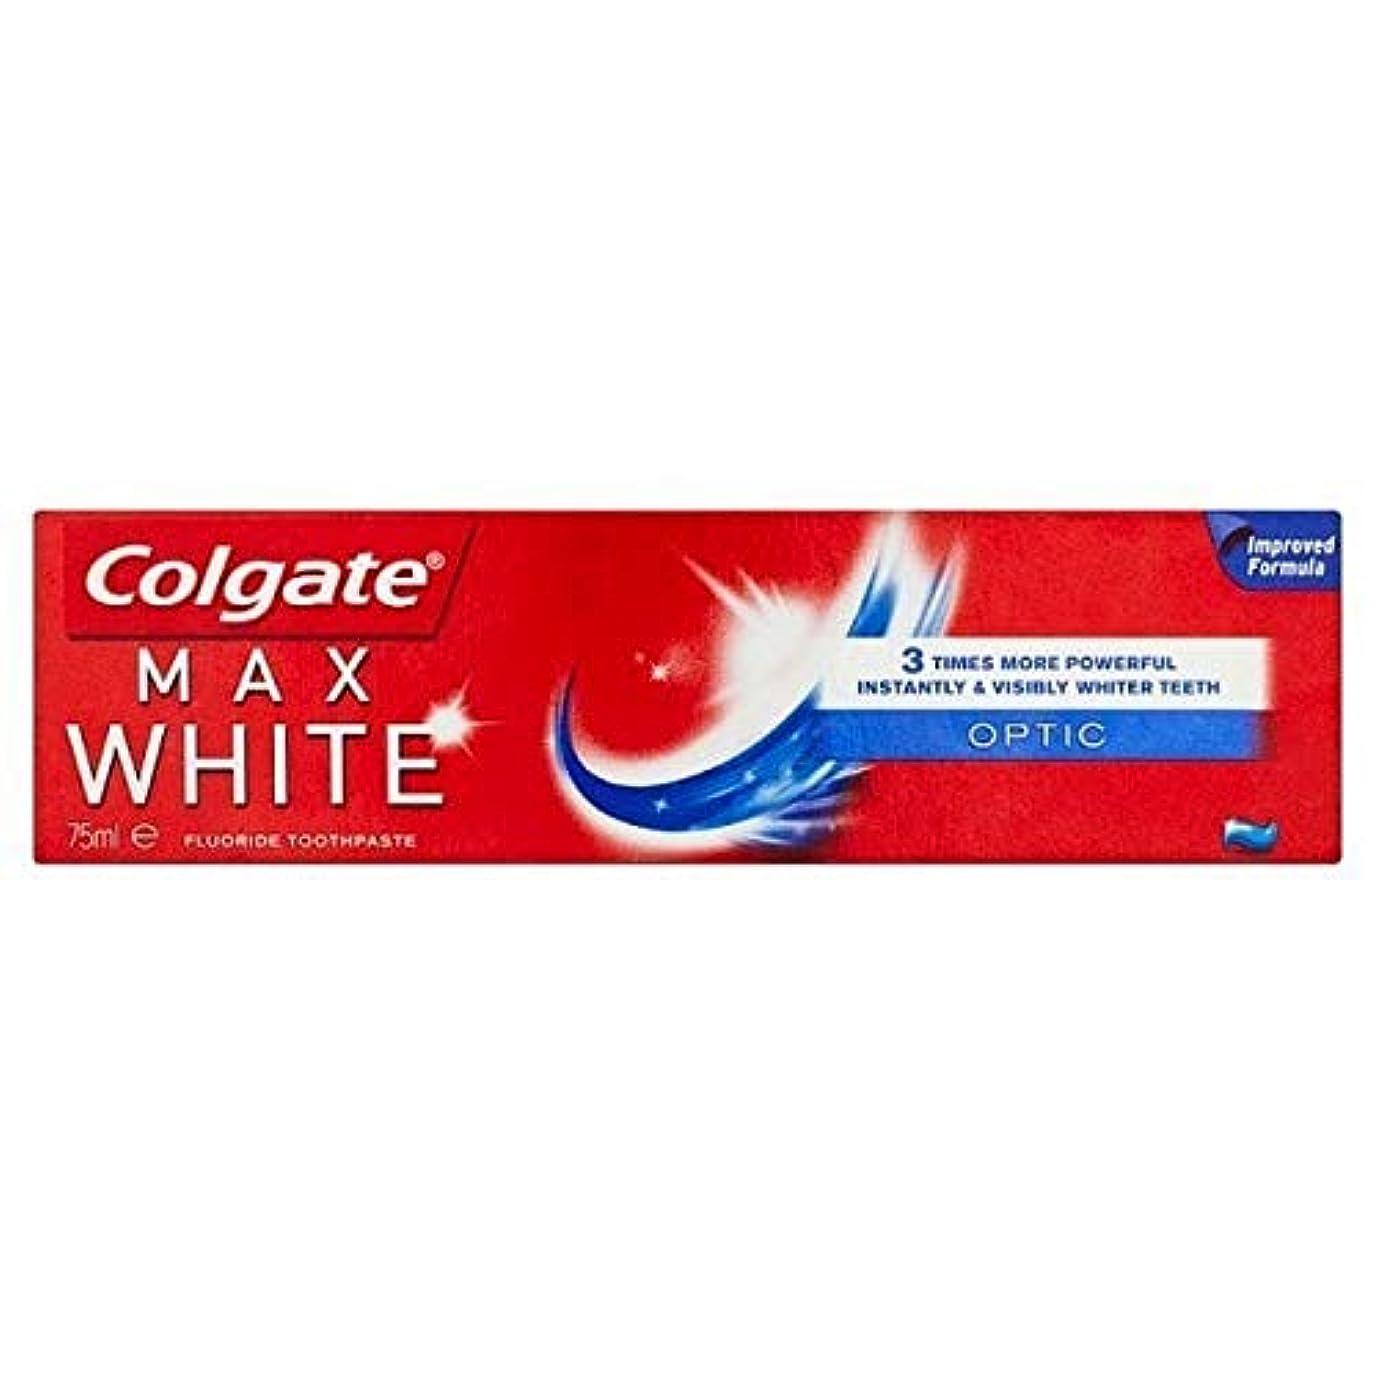 才能のあるキャストアプト[Colgate ] コルゲート最大白い光ホワイトニング歯磨き粉75ミリリットル - Colgate Max White Optic Whitening Toothpaste 75ml [並行輸入品]